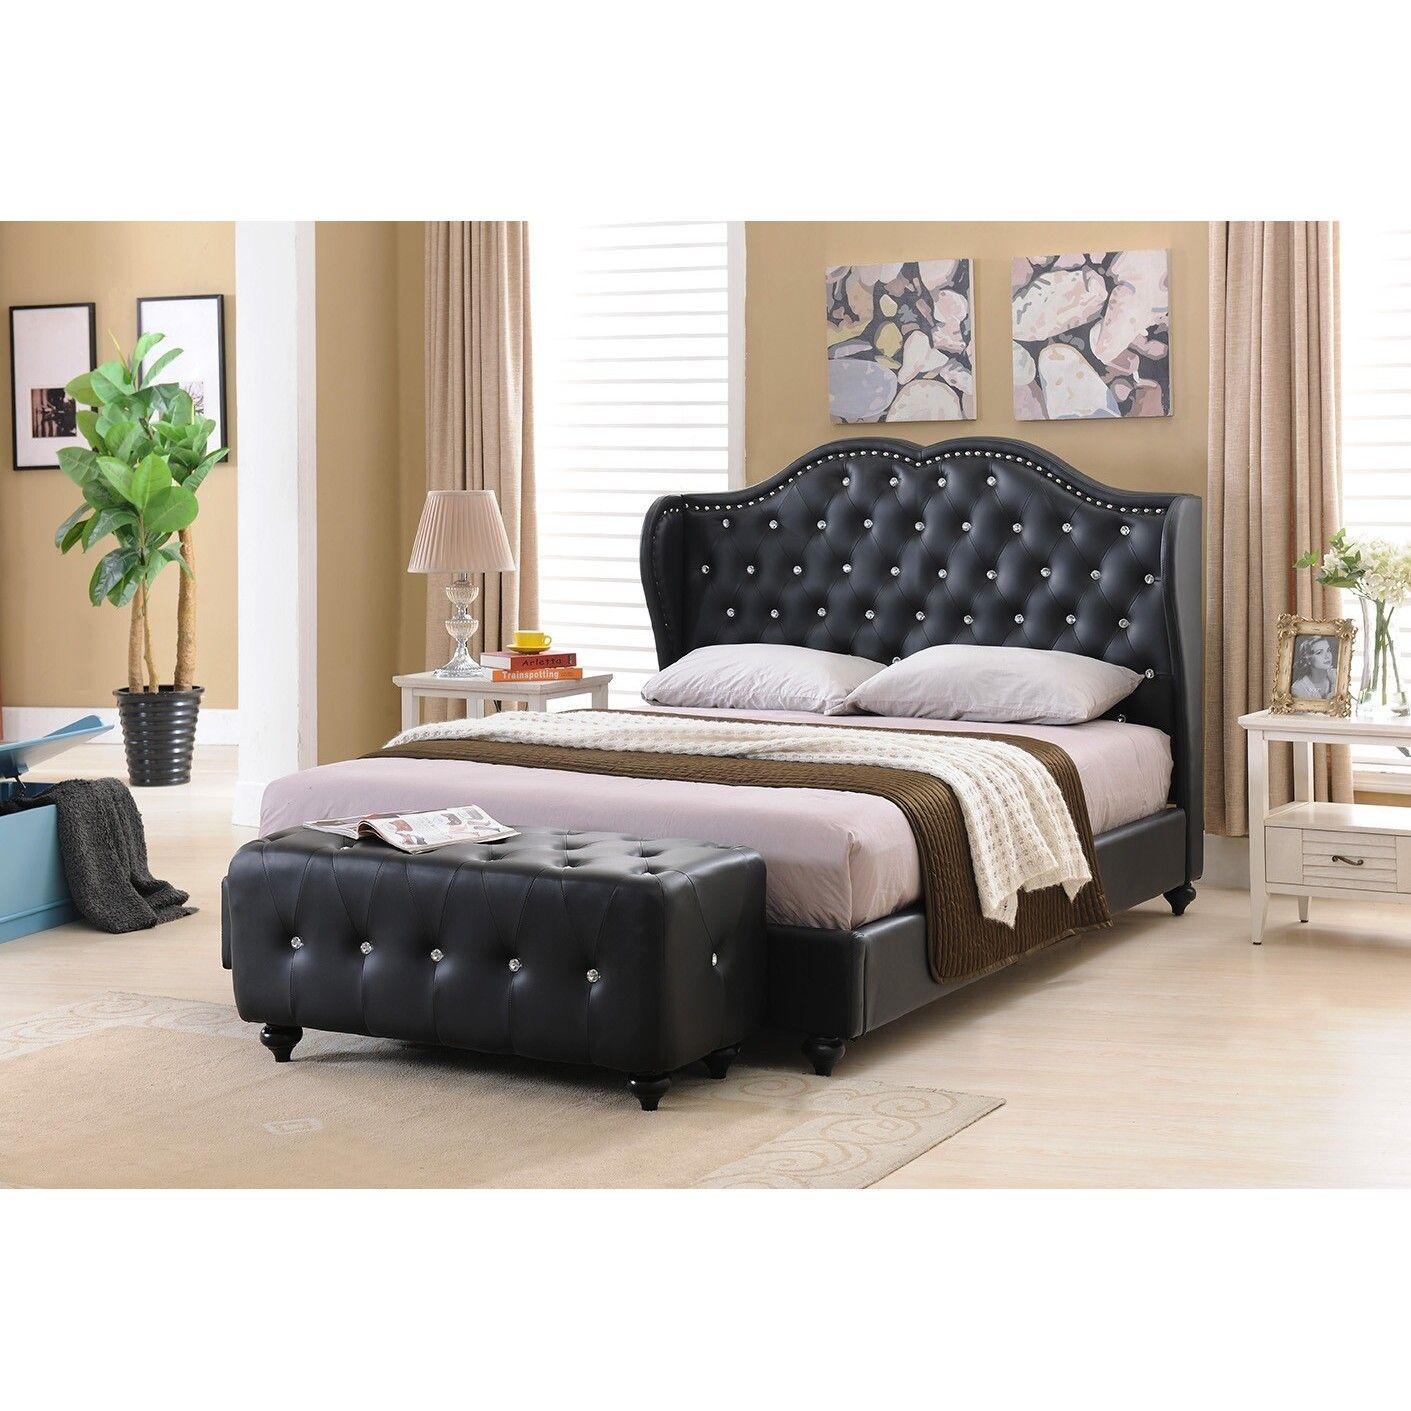 K & B B5110K King Upholstered Bed